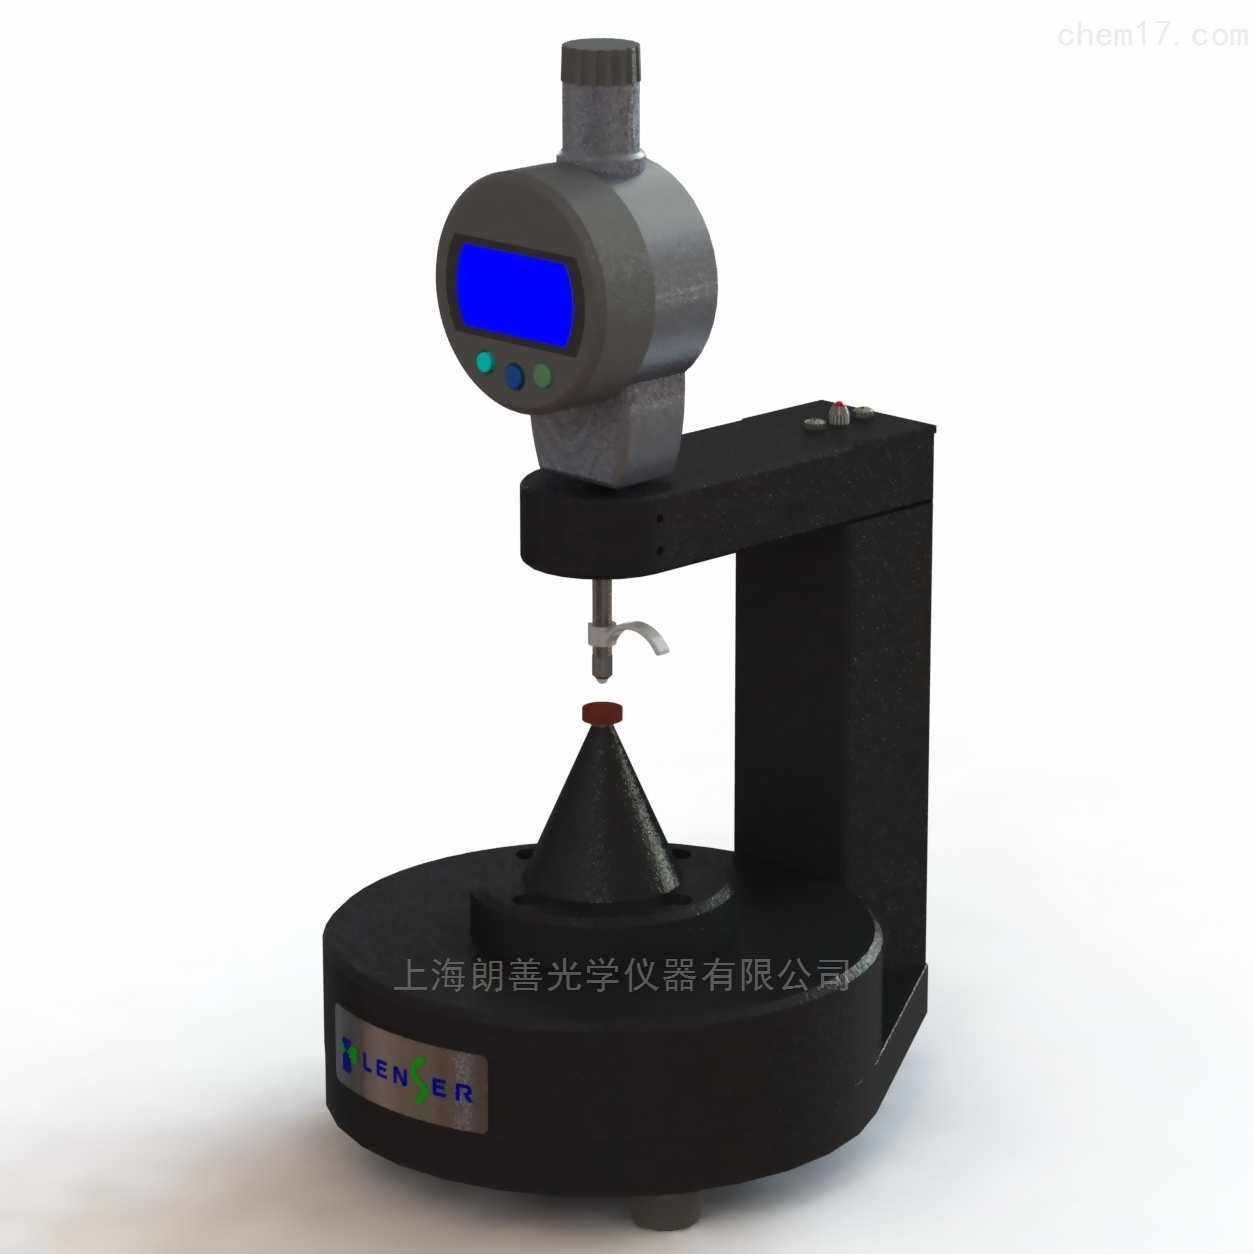 硬性接触镜中心厚度测量仪